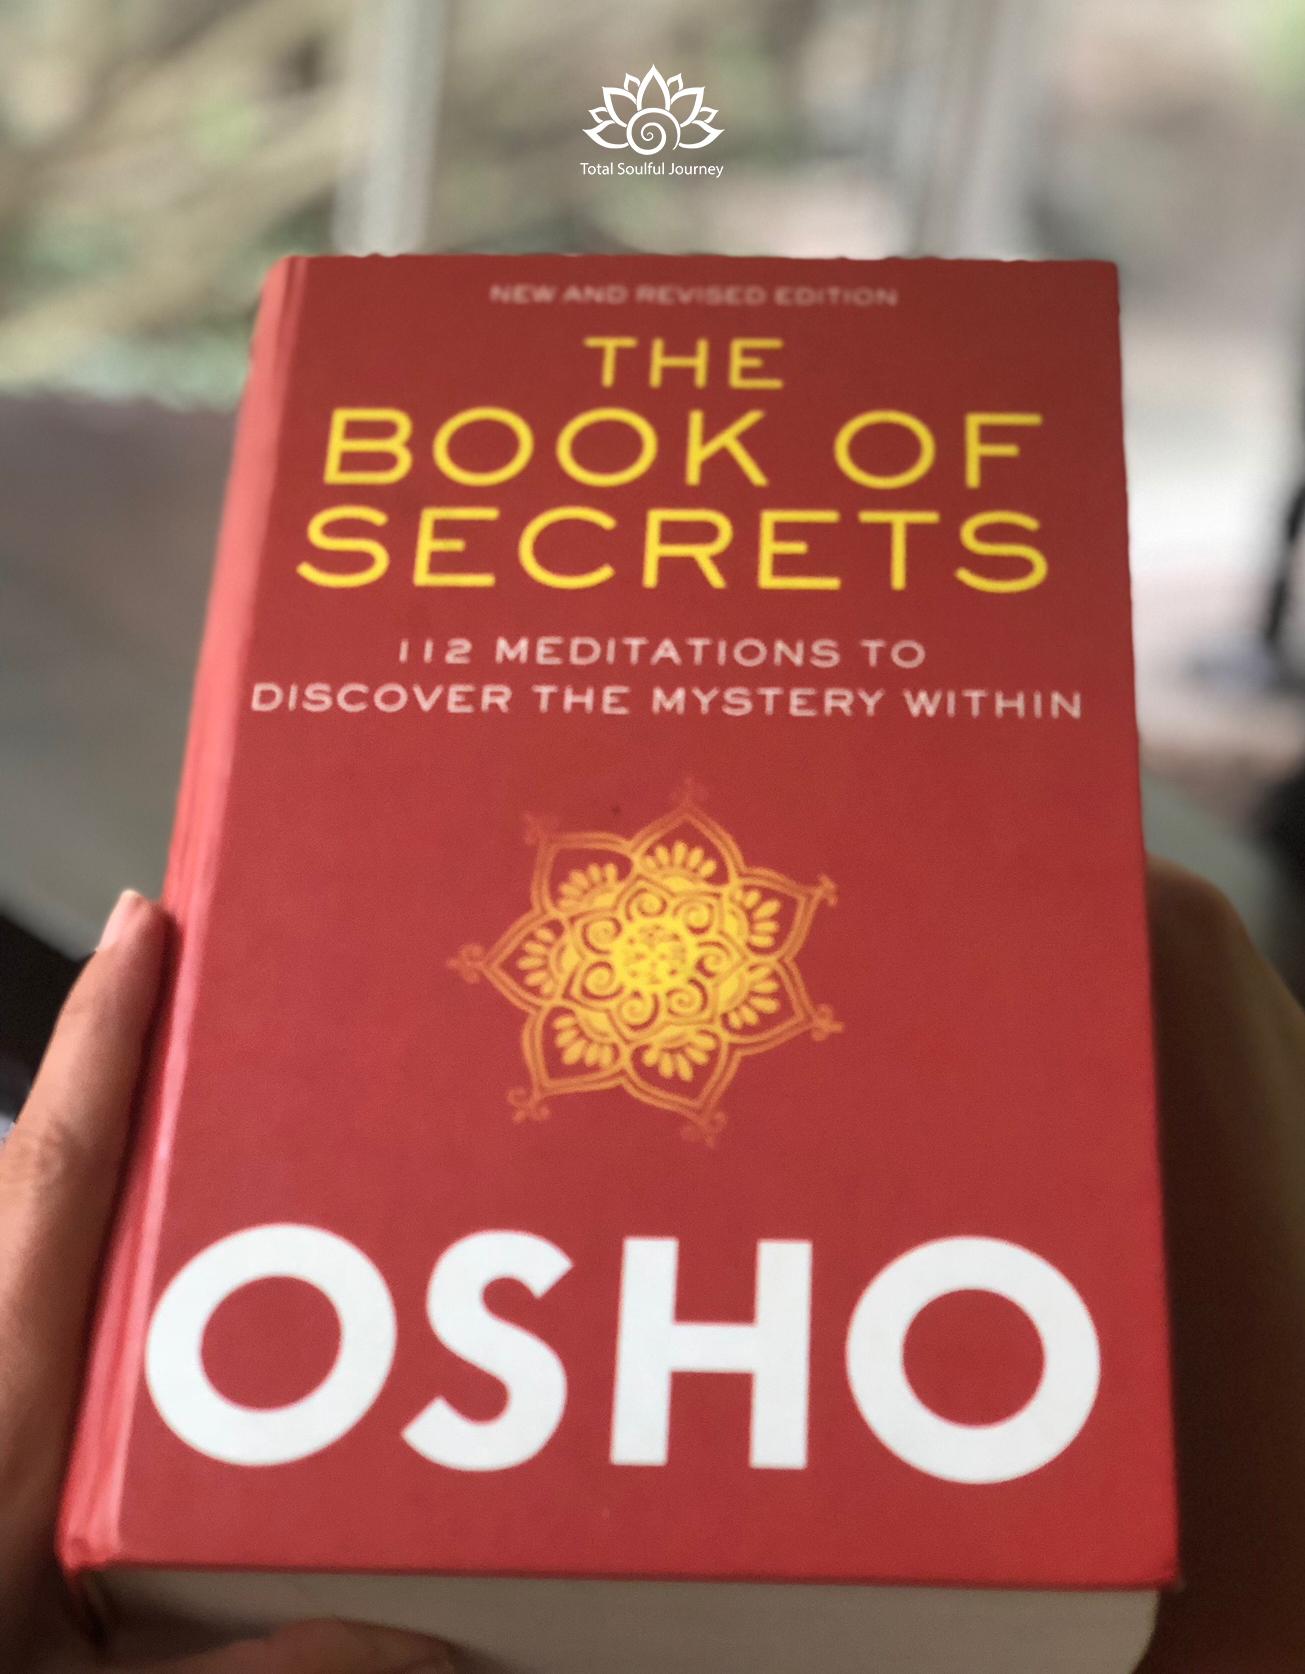 Osho 1_4401_logo.jpg